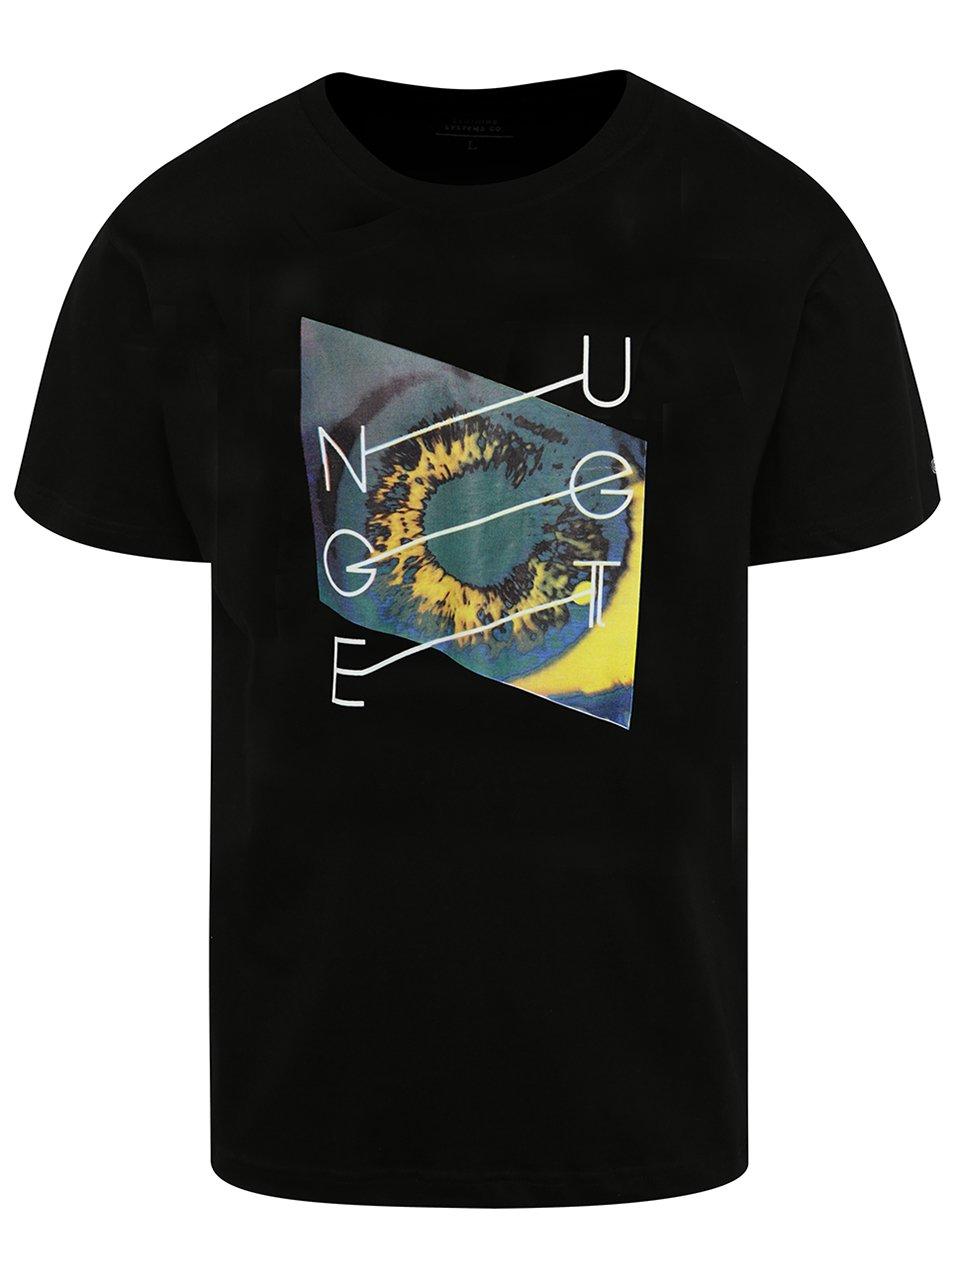 Černé pánské triko s potiskem NUGGET Chrono